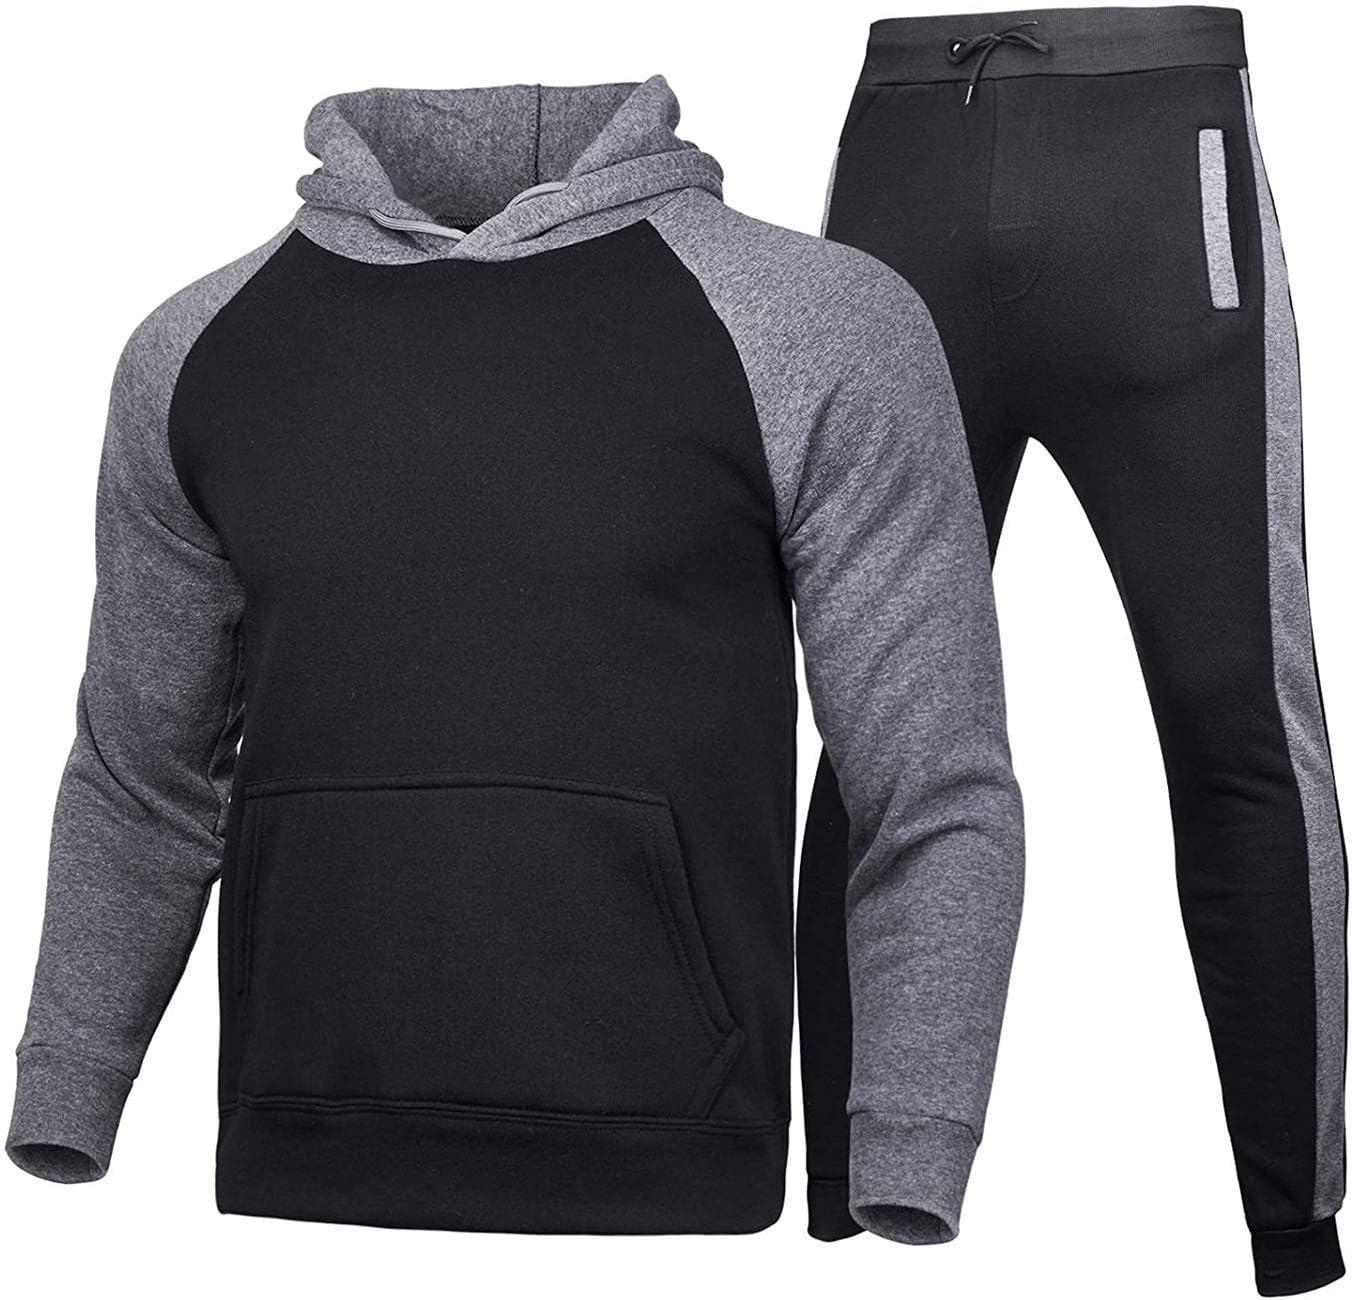 Piasnhaoah4 Ensemble Surv/êtement Homme 2 pi/èces Ensembles Sportswear Hommes Sweat /à Capuche et Pantalon Jogging,Style d/écontract/é Sportif